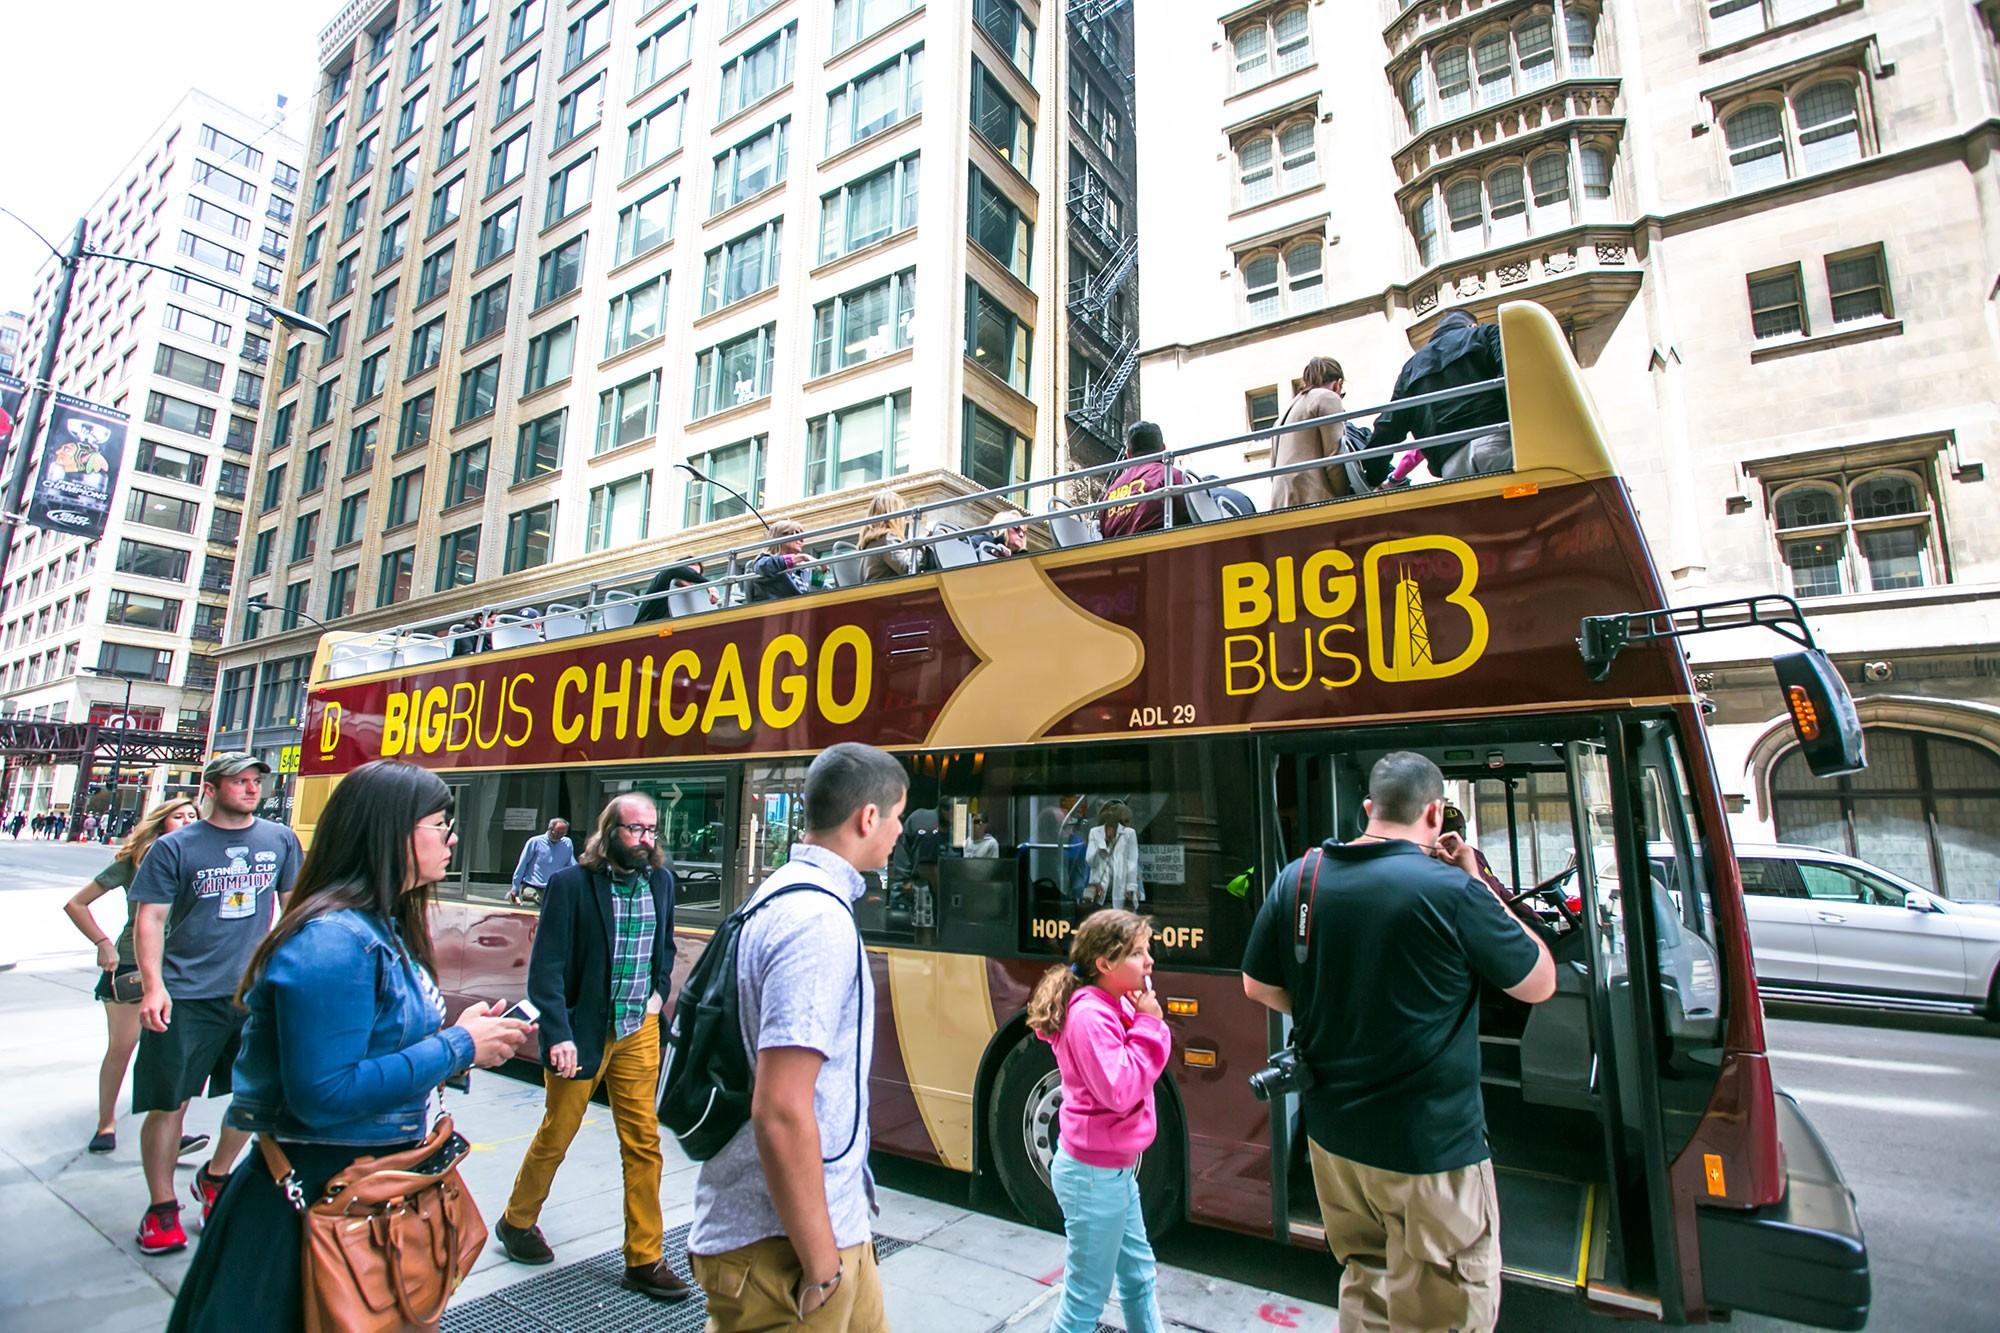 Eclipse Bus Tours